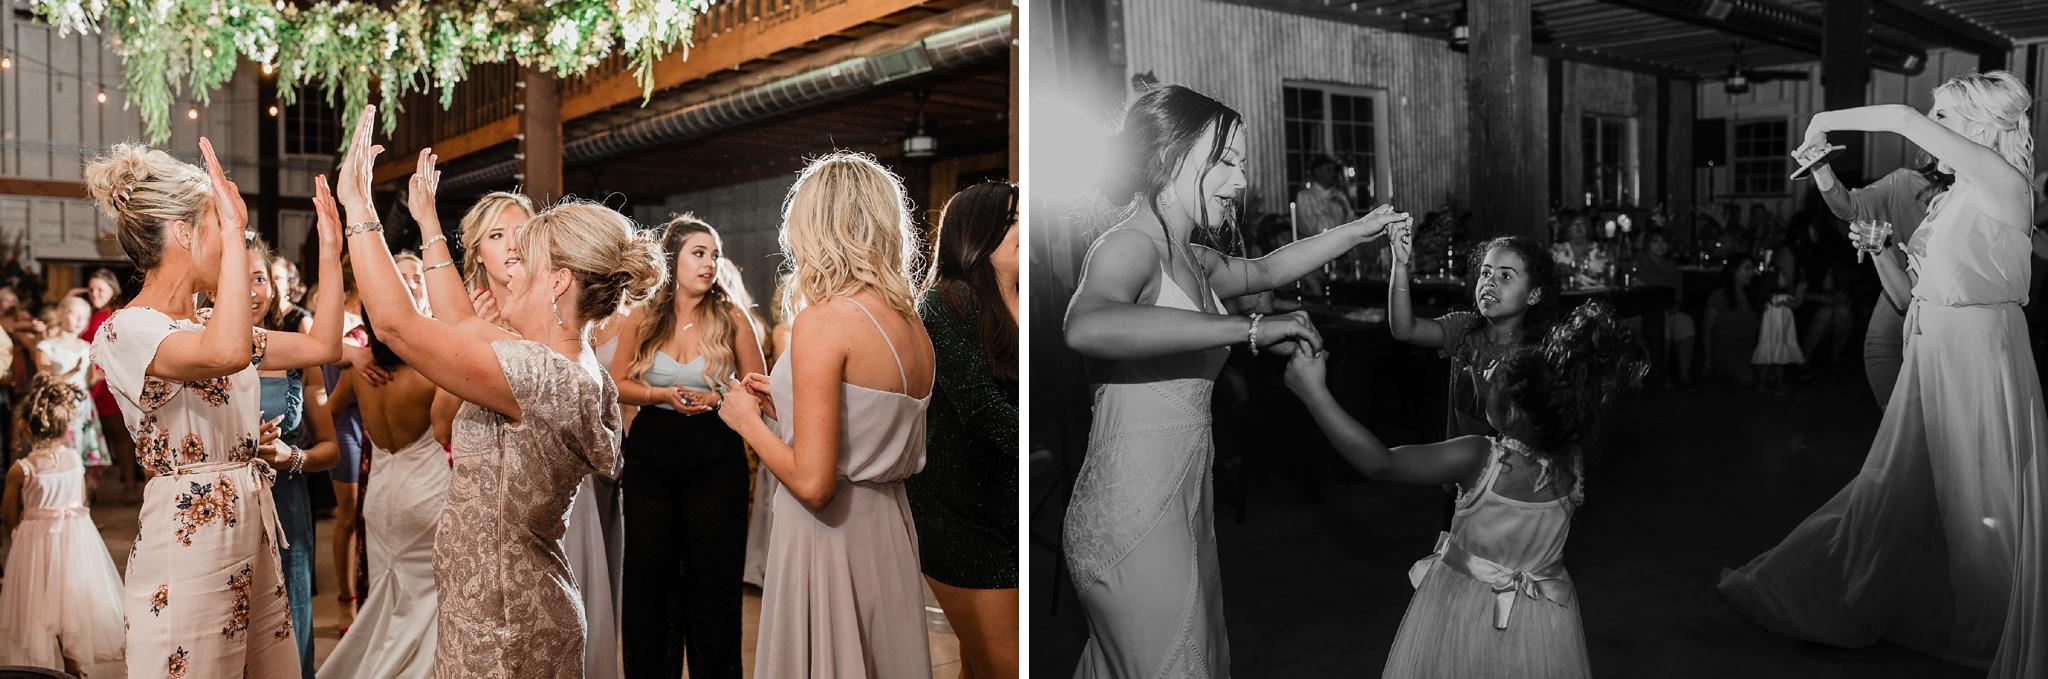 Alicia+lucia+photography+-+albuquerque+wedding+photographer+-+santa+fe+wedding+photography+-+new+mexico+wedding+photographer+-+new+mexico+wedding+-+new+mexico+wedding+-+barn+wedding+-+enchanted+vine+barn+wedding+-+ruidoso+wedding_0170.jpg